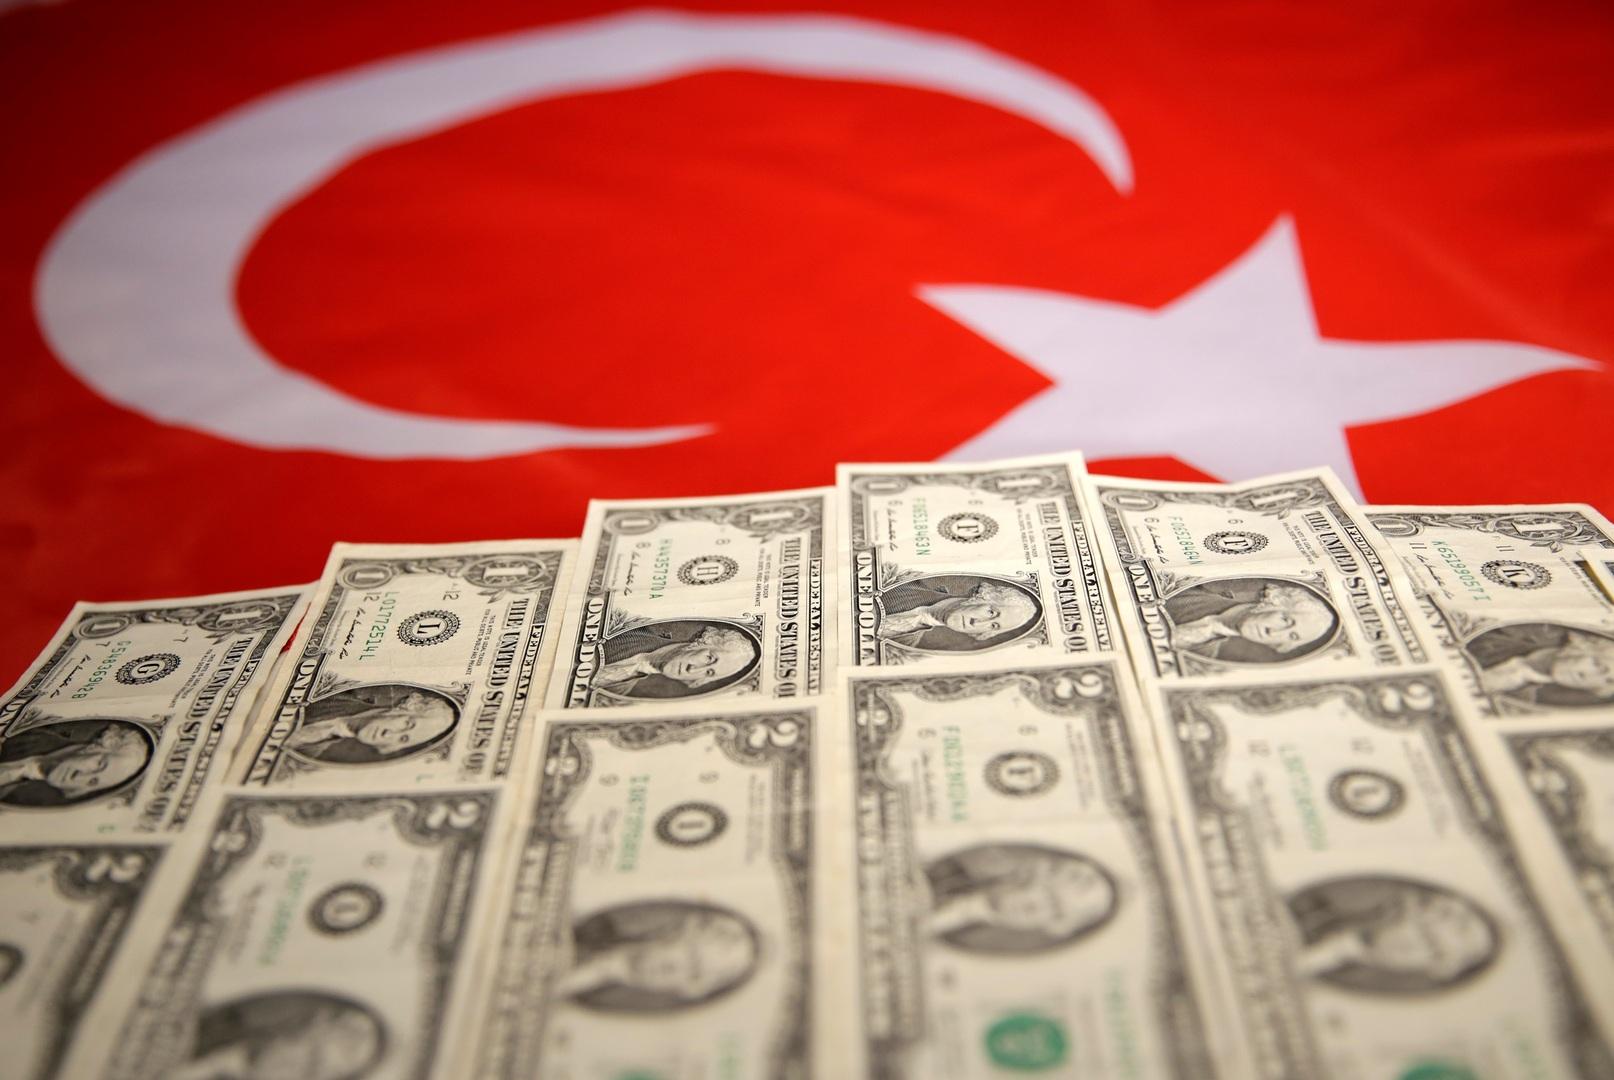 الميزانية التركية تسجل عجزا بنحو 2.6 مليار دولار